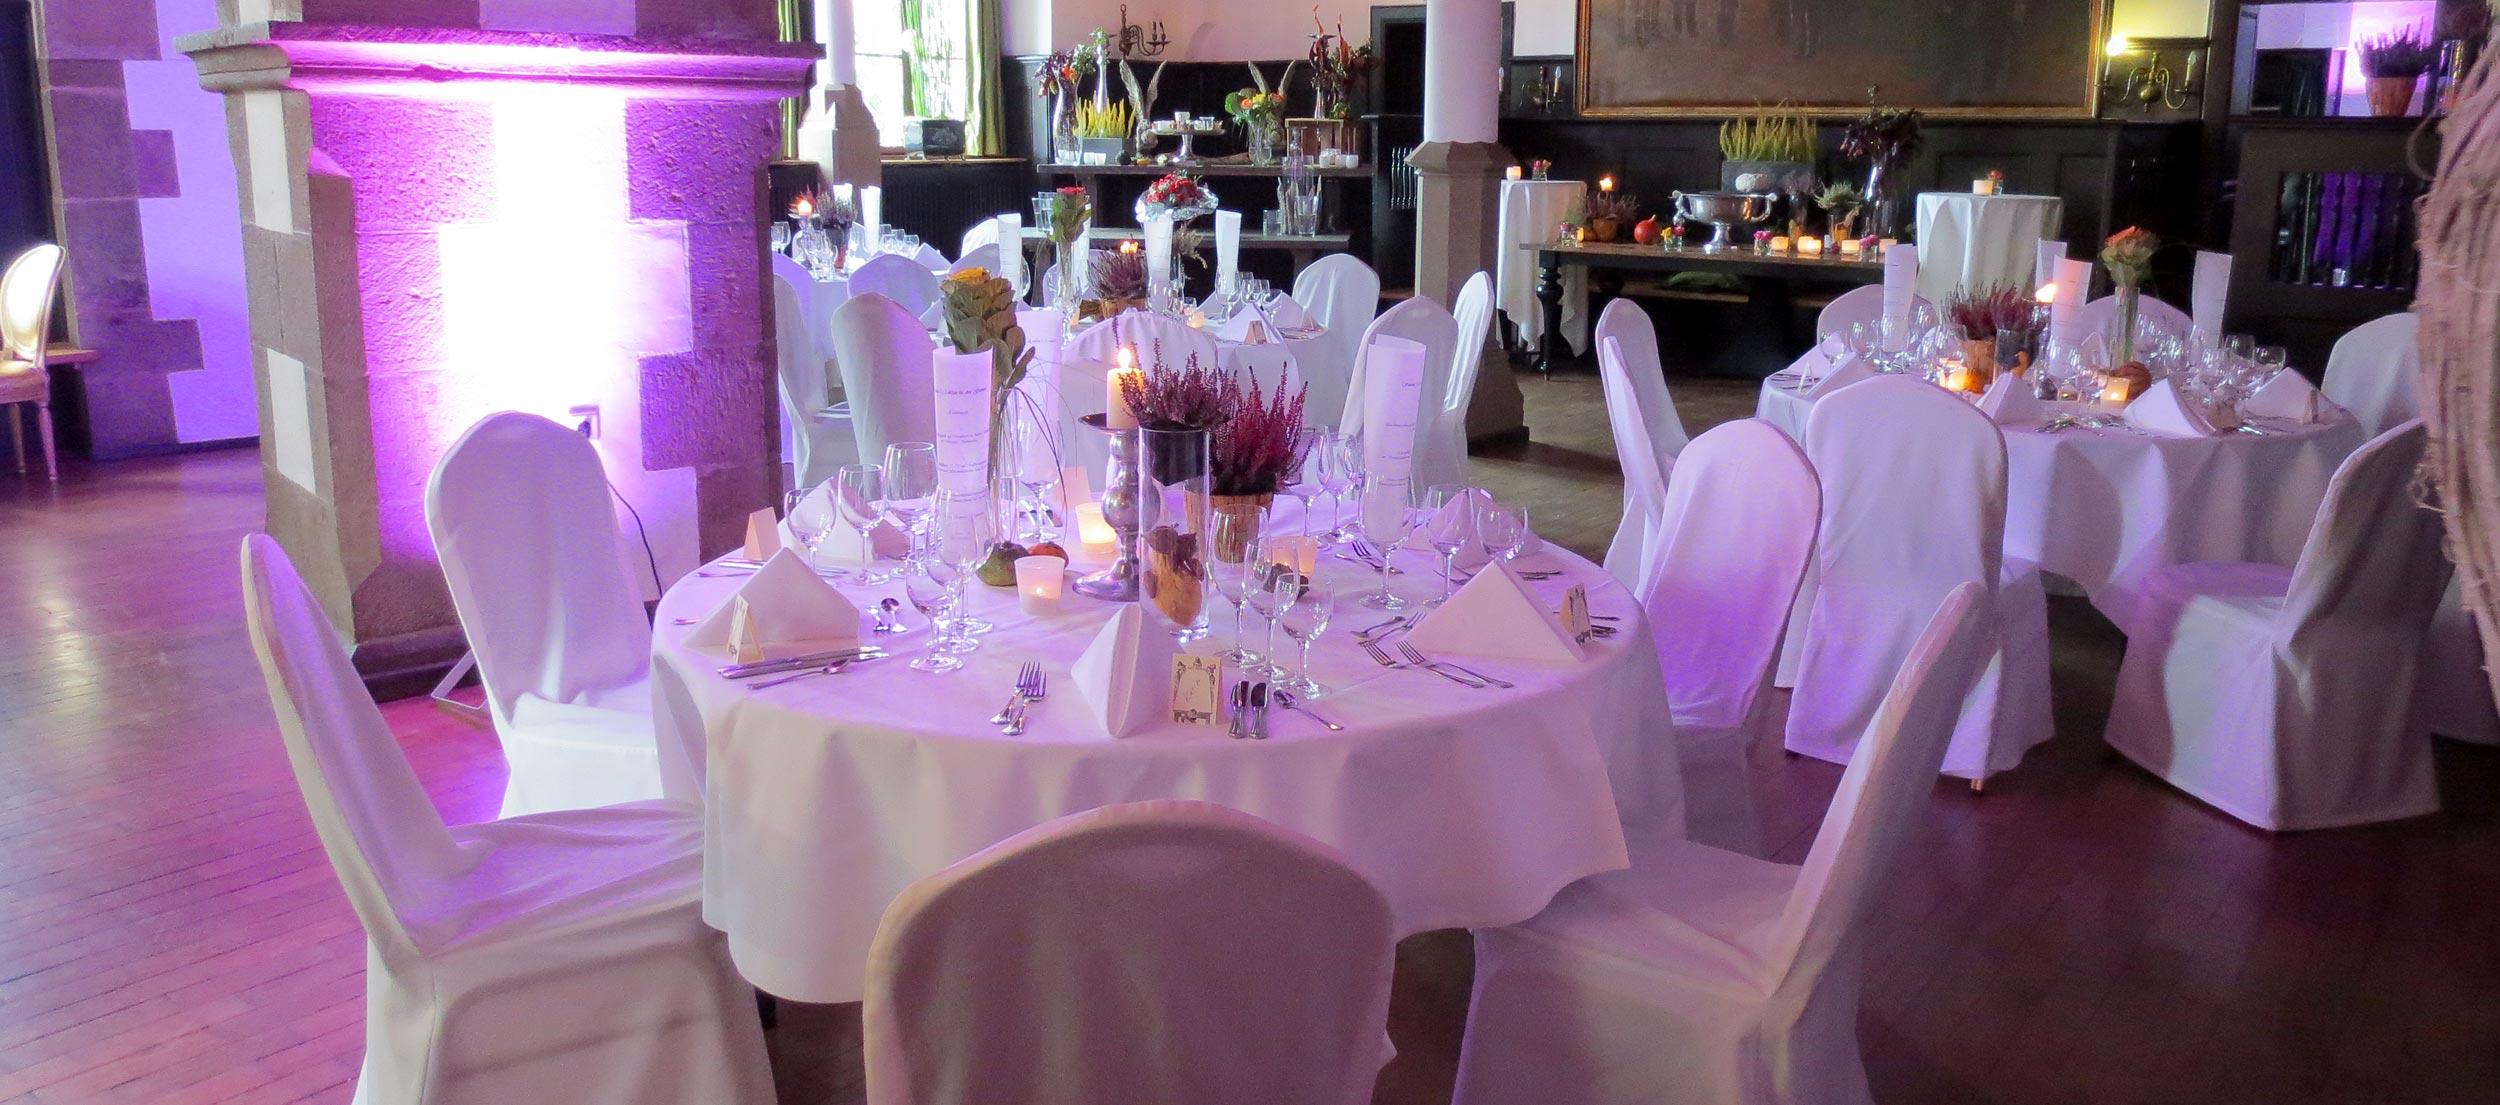 Stilvolle Beleuchtung und Tischdekoration für eine Hochzeit auf Schloss Burg.